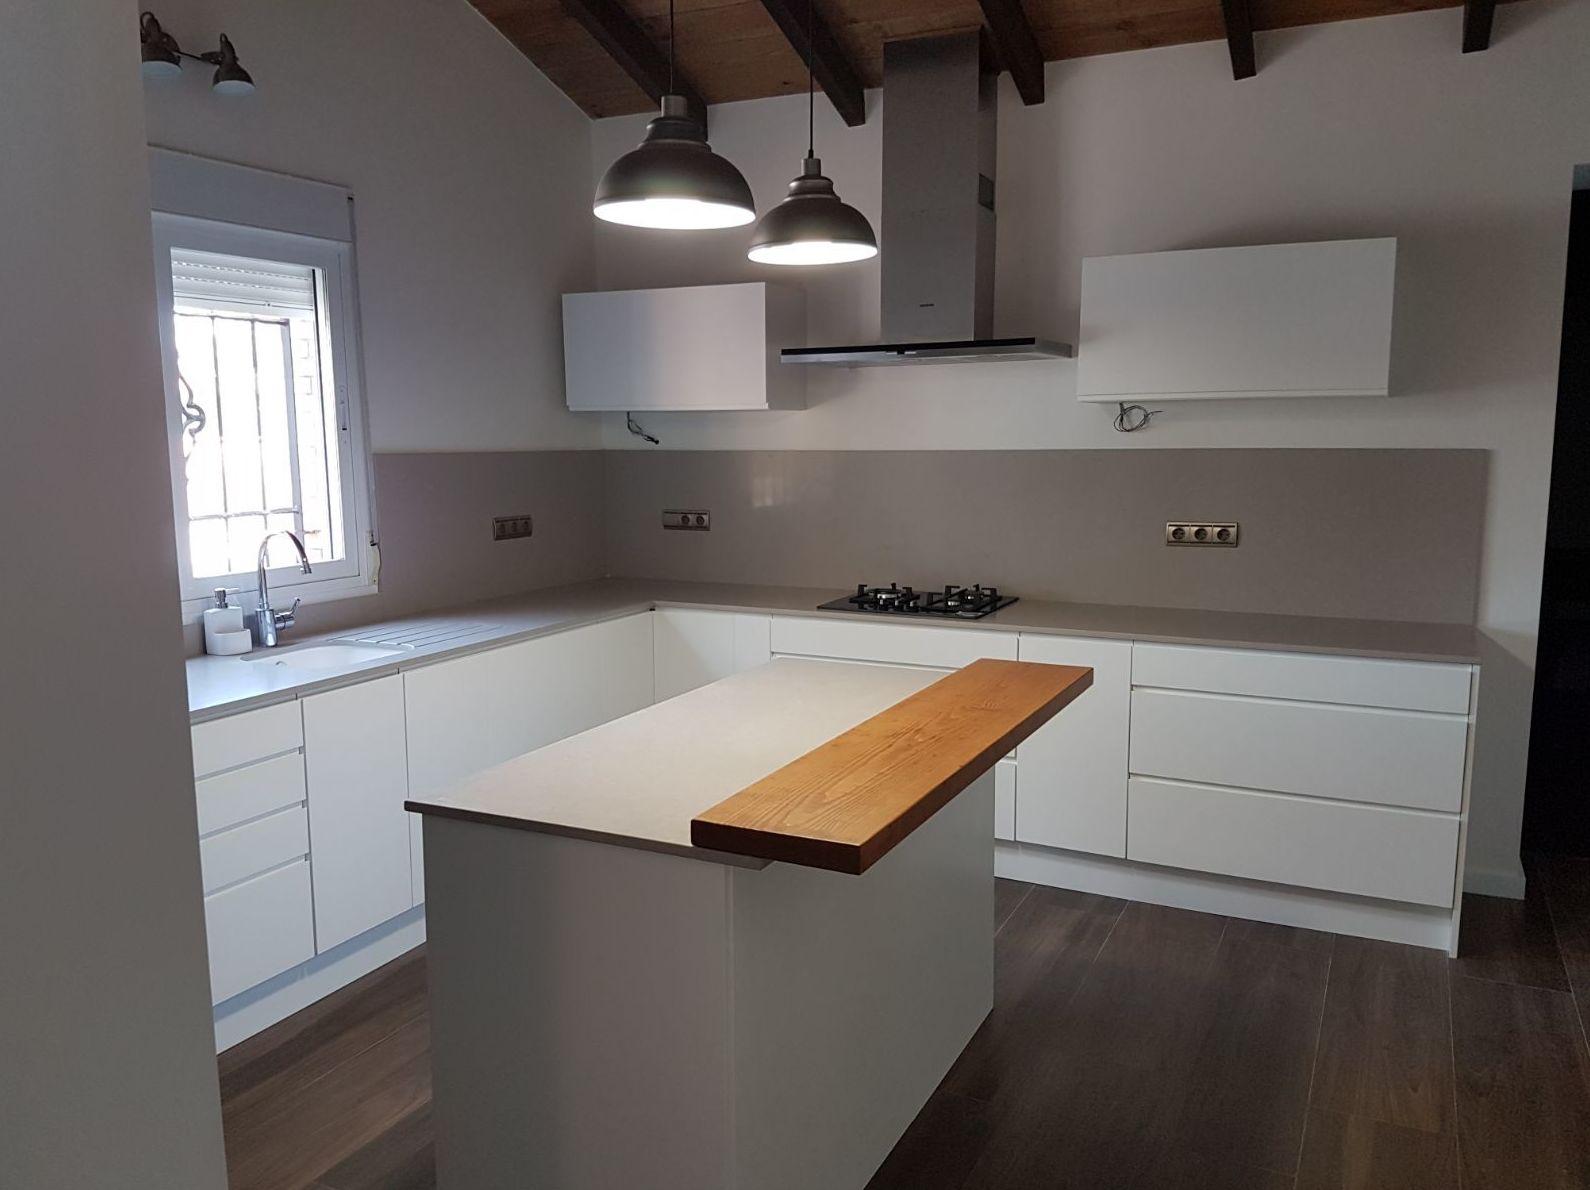 Reformas Cocina rustica con líneas modernas en Alicante